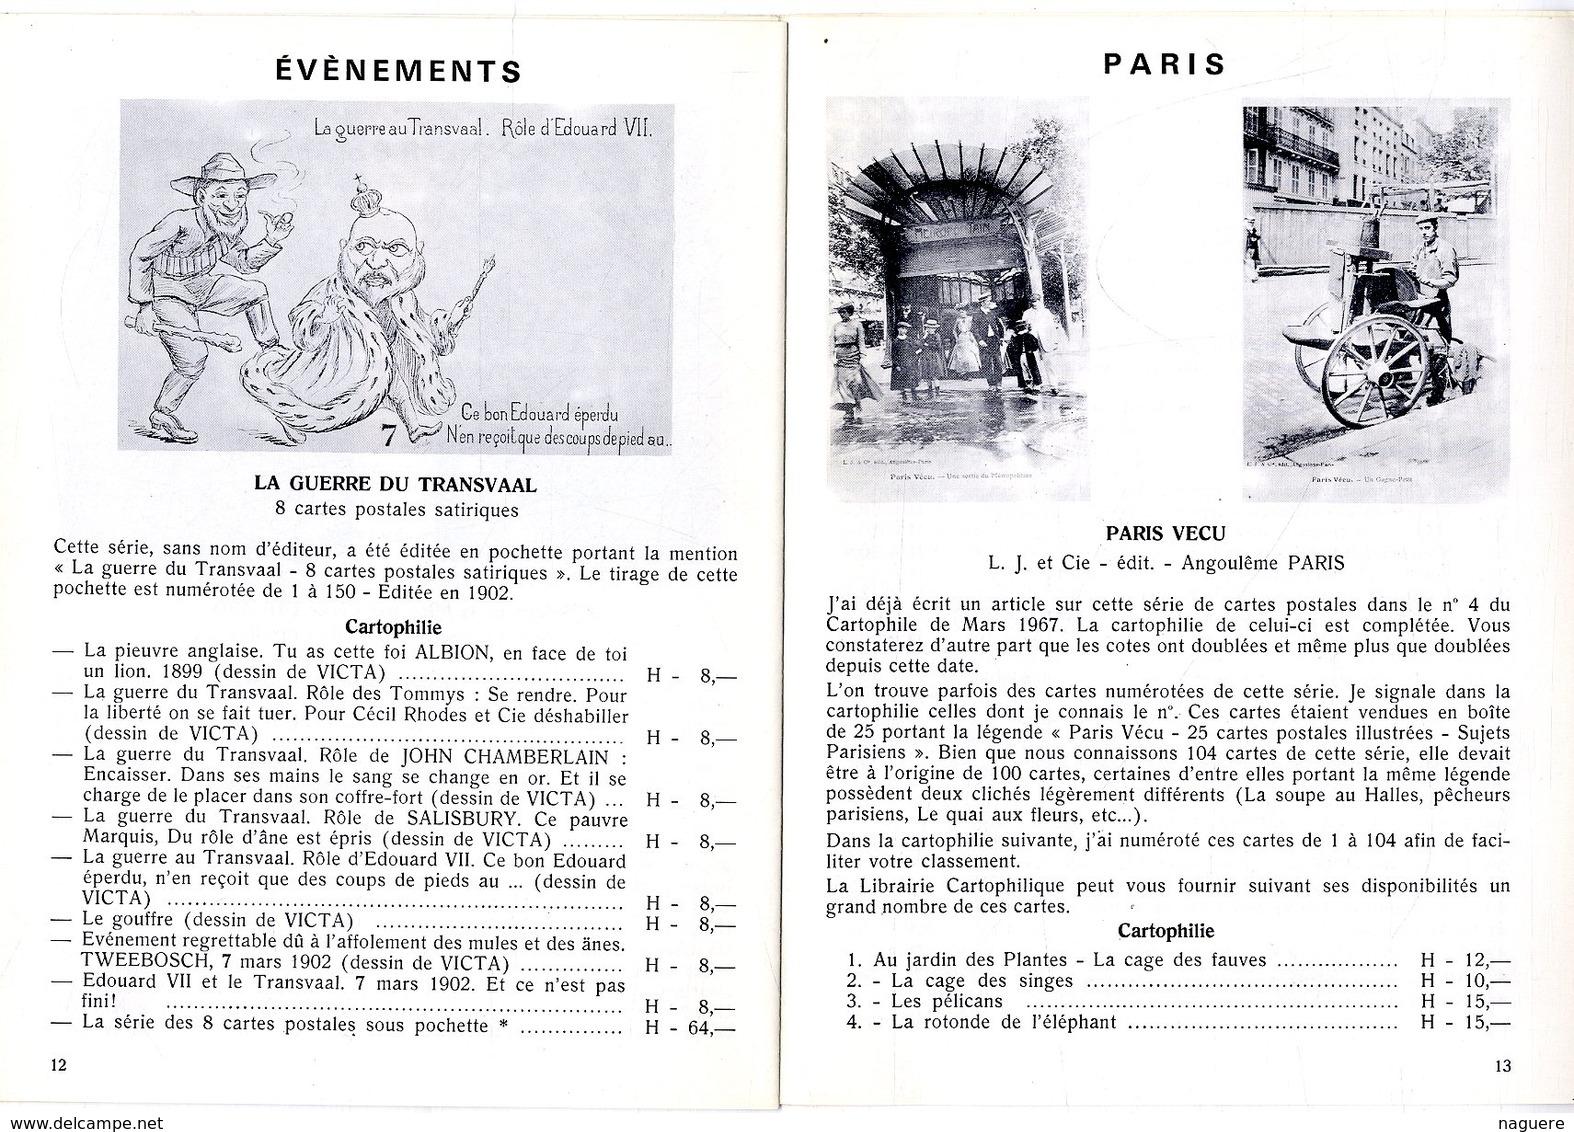 LIBRAIRIE CARTOPHILIQUE  N° 2 1973   -  16 PAGES  FOIRES MARCHES METIERS DE PROVINCE CARTE SUR LA CARTE AVIATION ETC - French